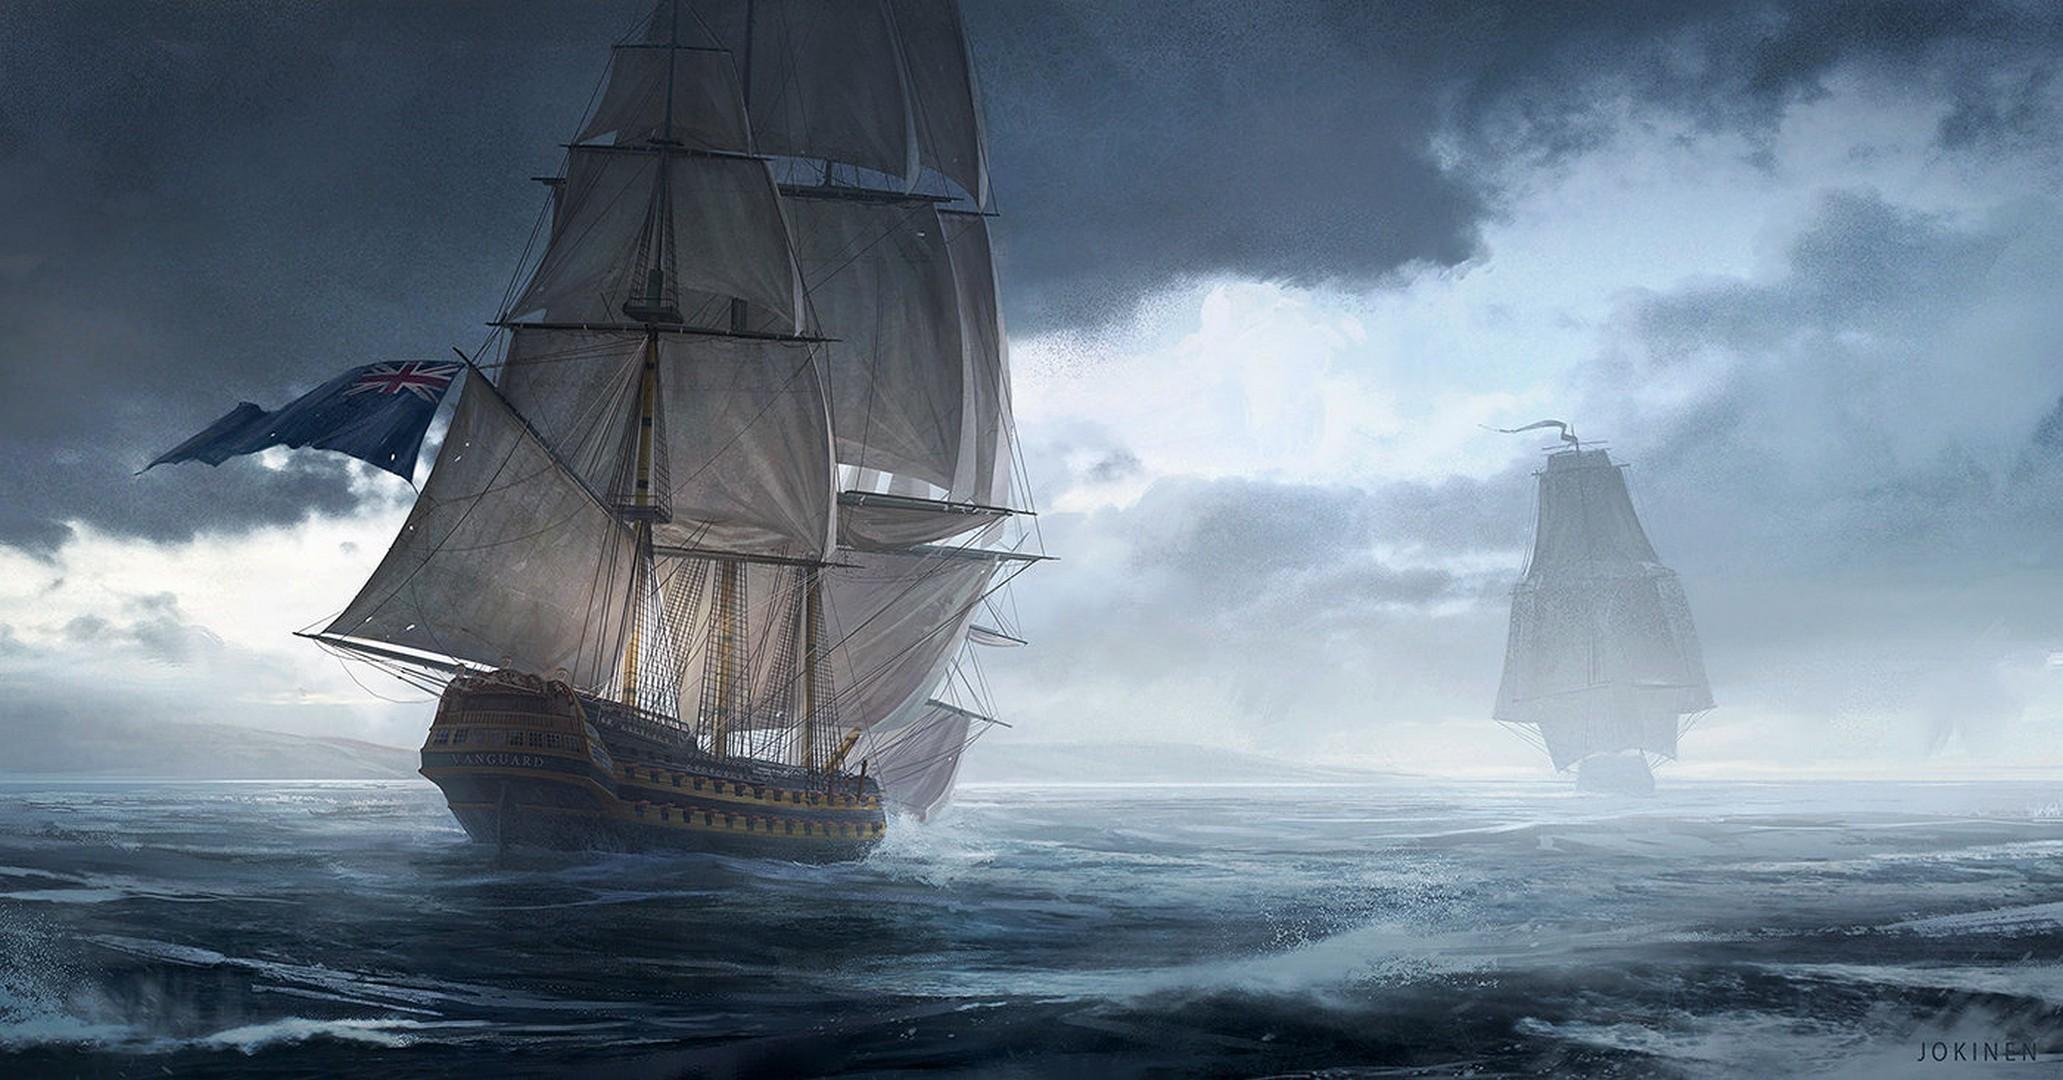 Res: 2063x1080, #painting, #sailing ship, wallpaper